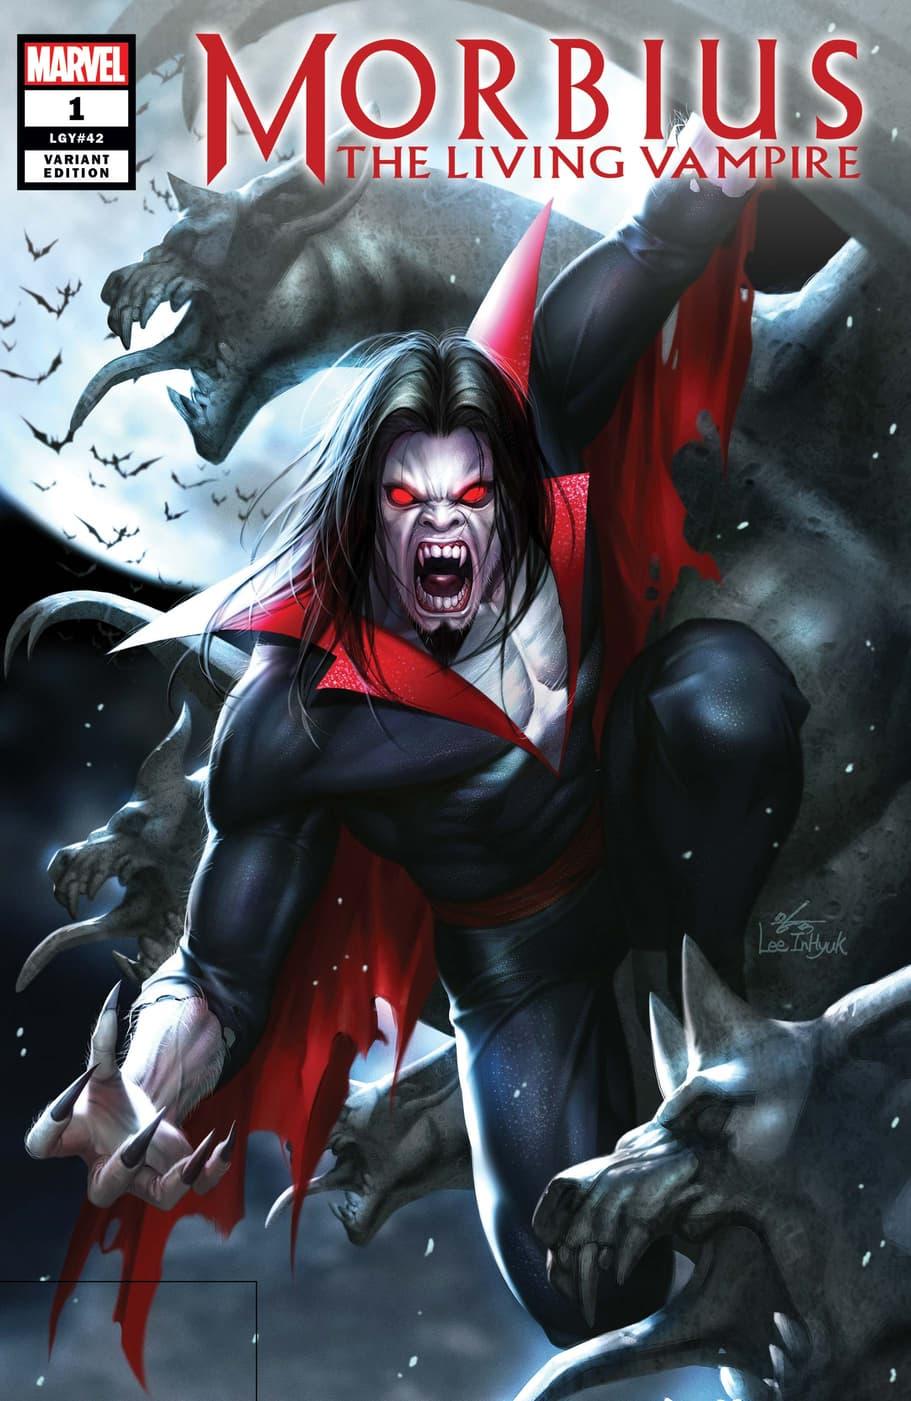 Morbius (2019) #1 variant by In-Hyuk Lee